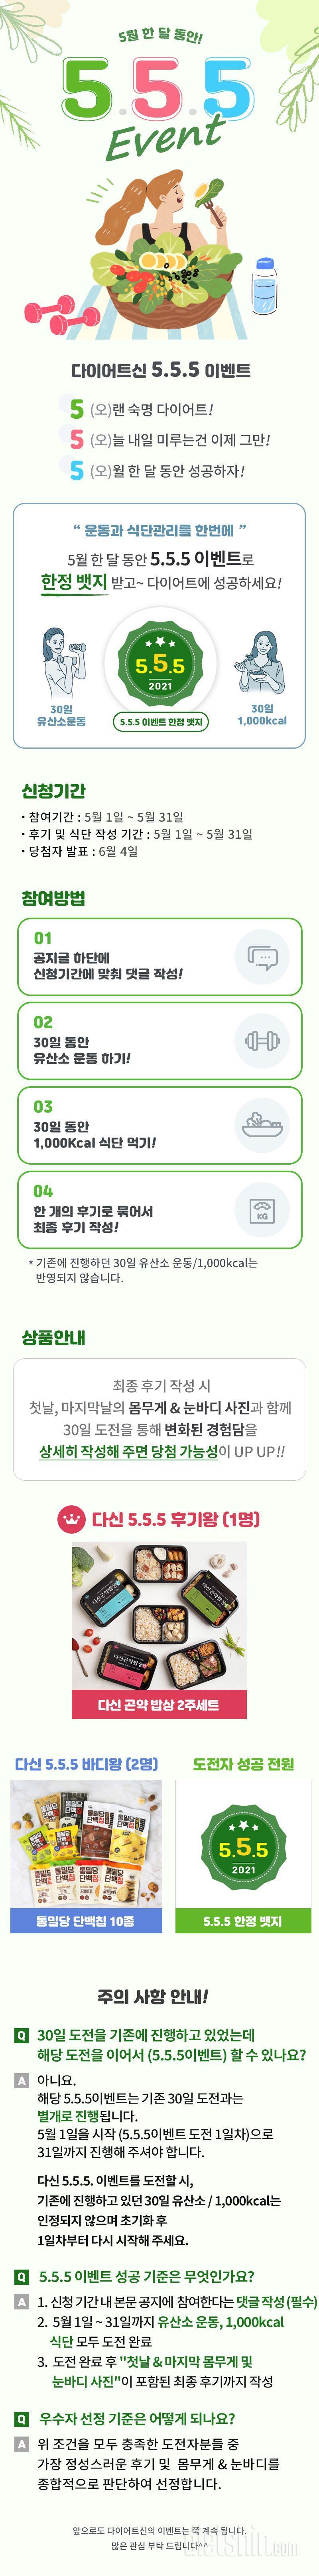 (공지) 다신 5.5.5 이벤트_한정판 뱃지 당첨자 발표!!